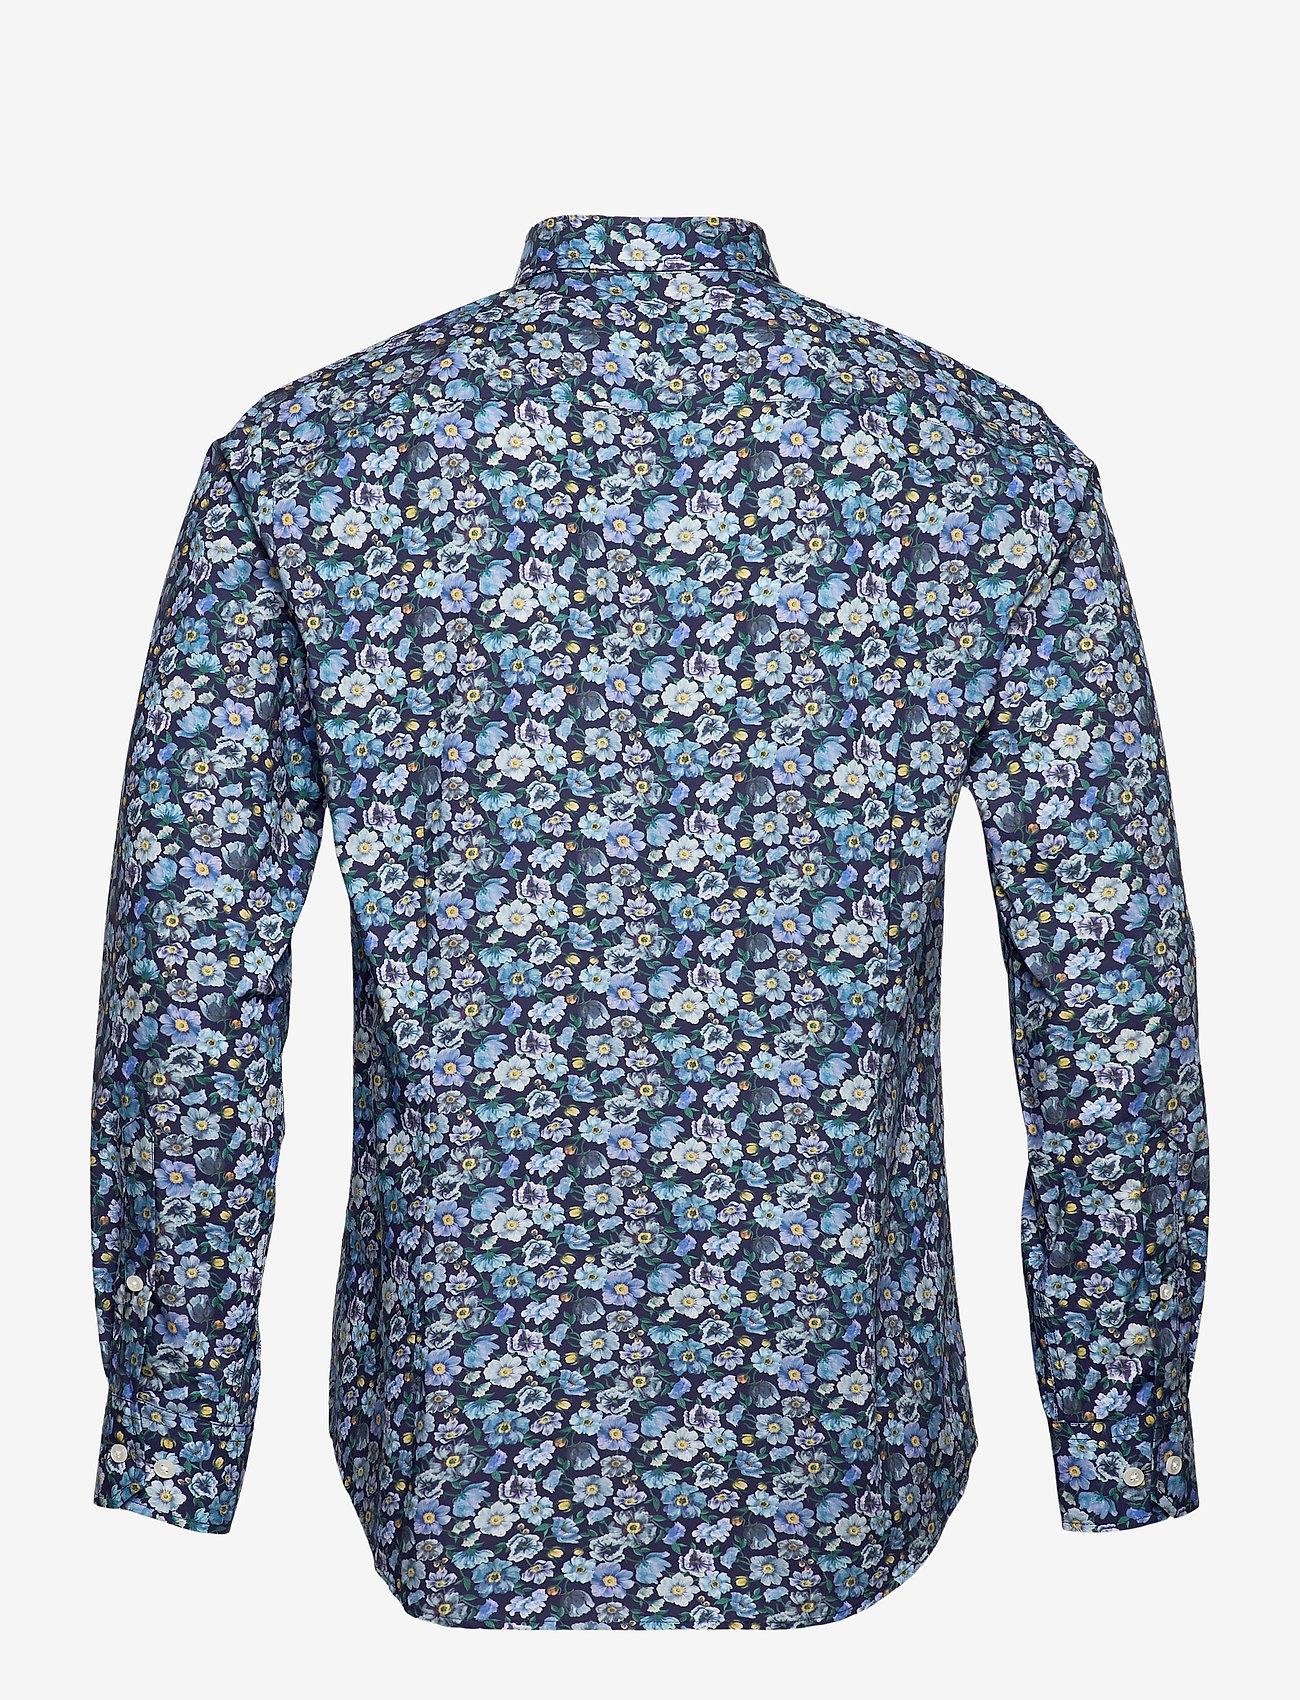 Bosweel Shirts Est. 1937 - Blue flowers on navy - chemises d'affaires - dark blue - 1